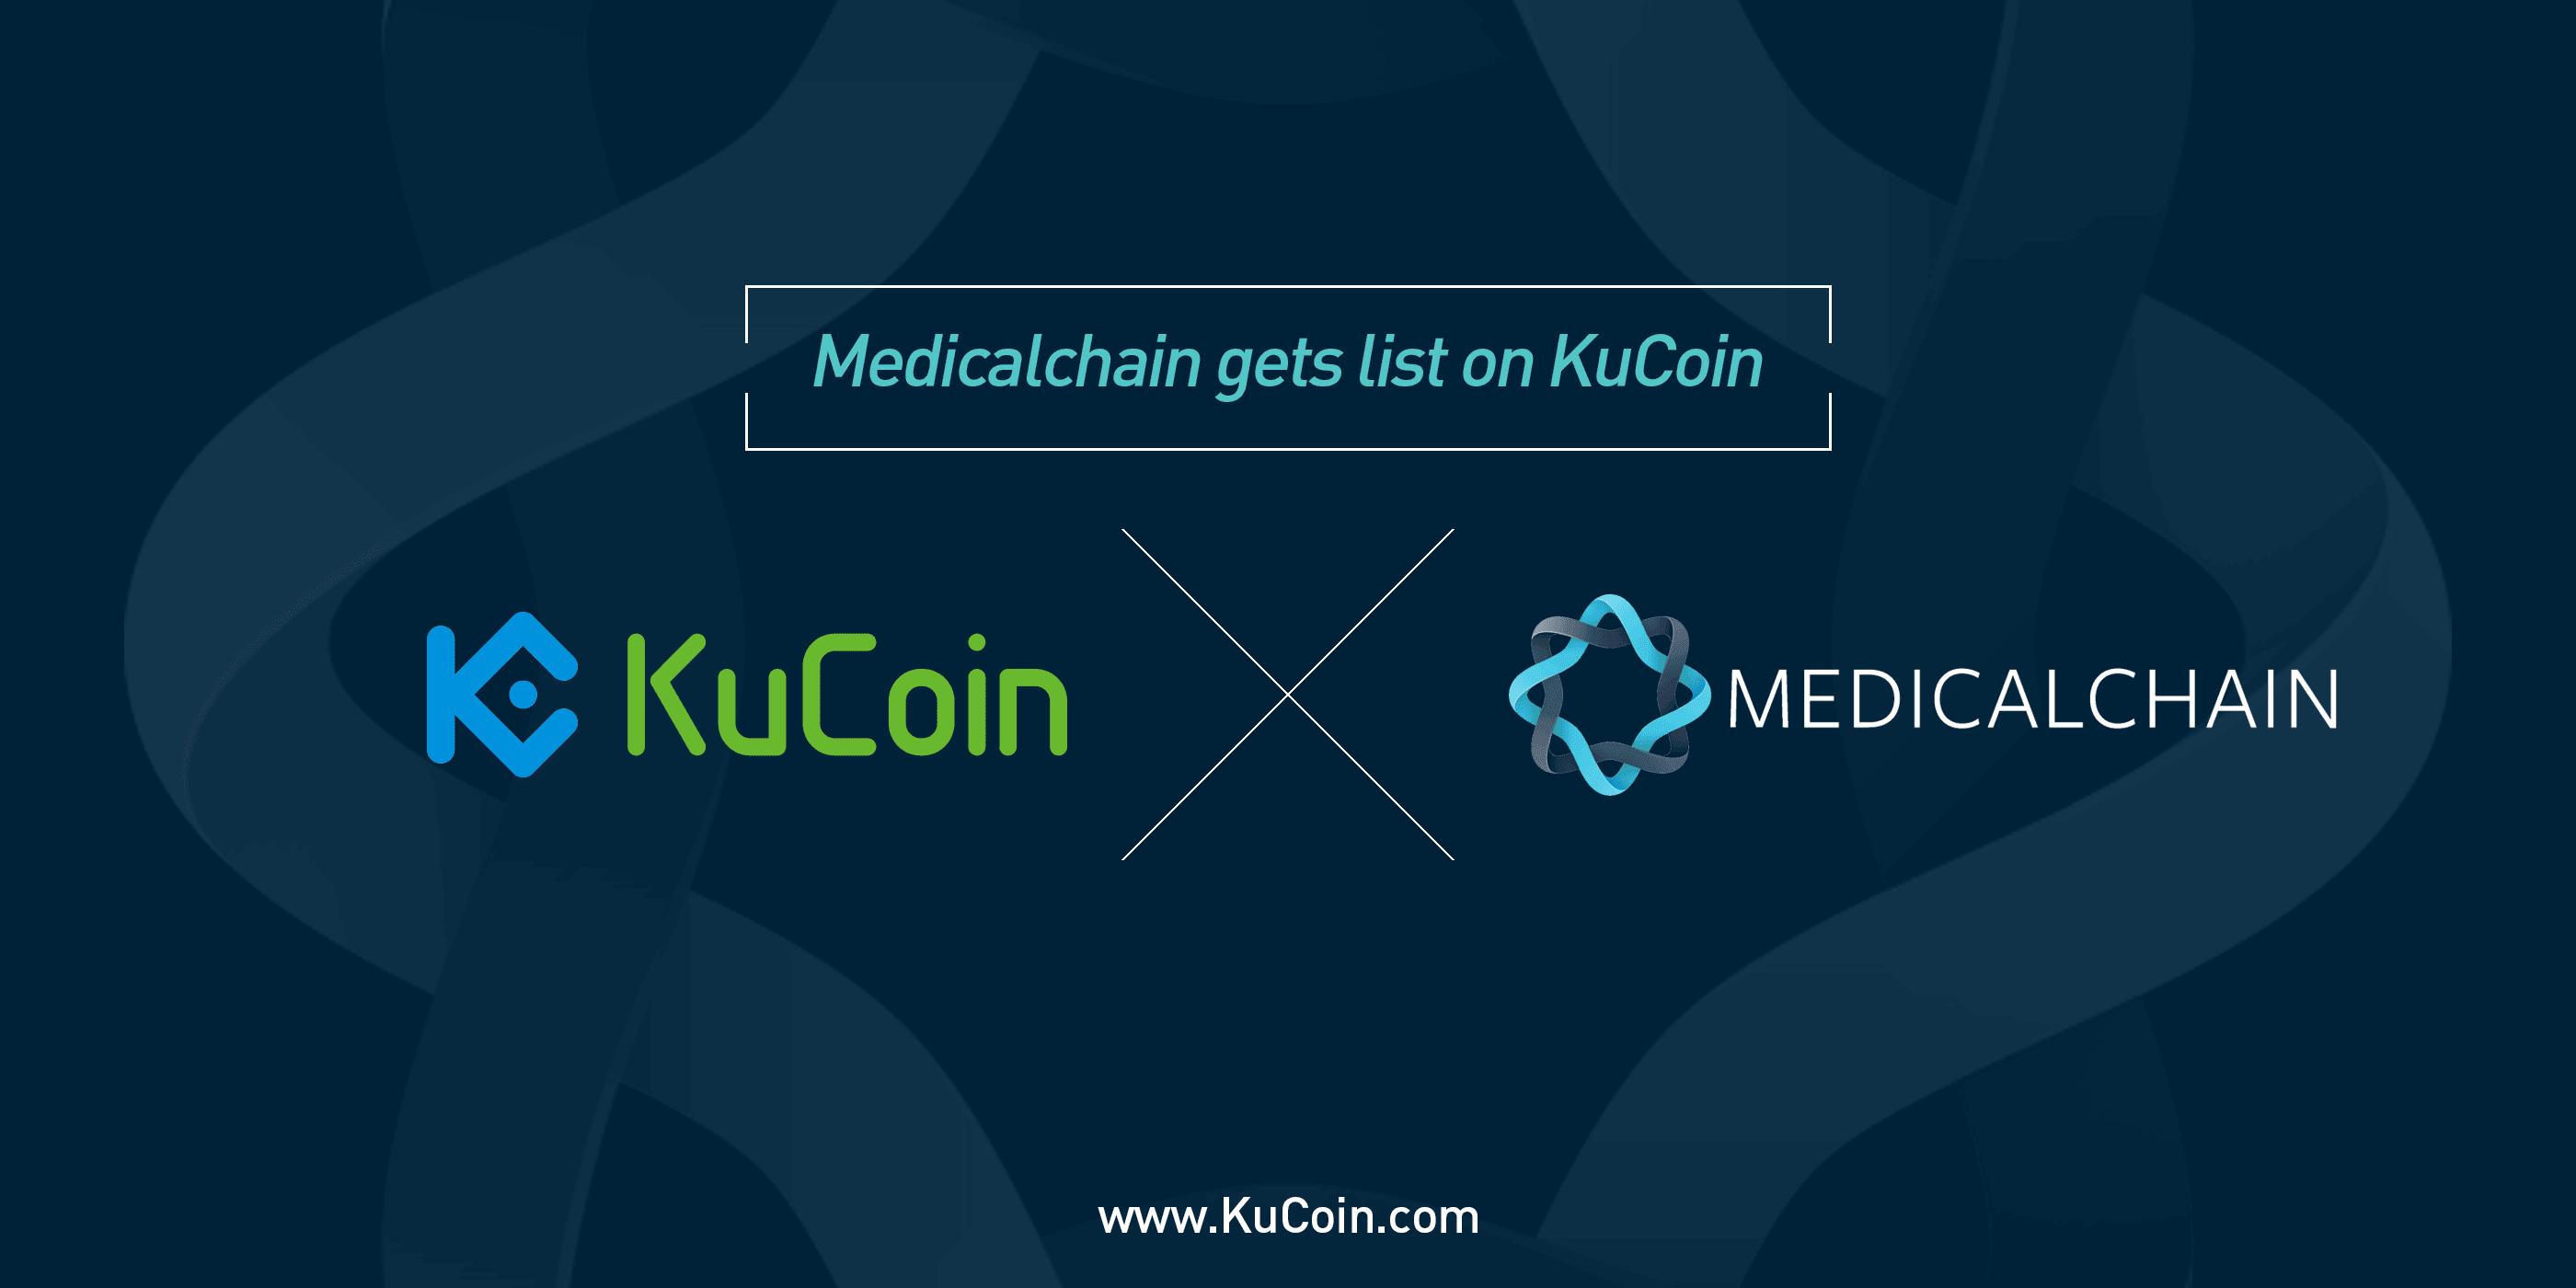 Medicalchain kucoin